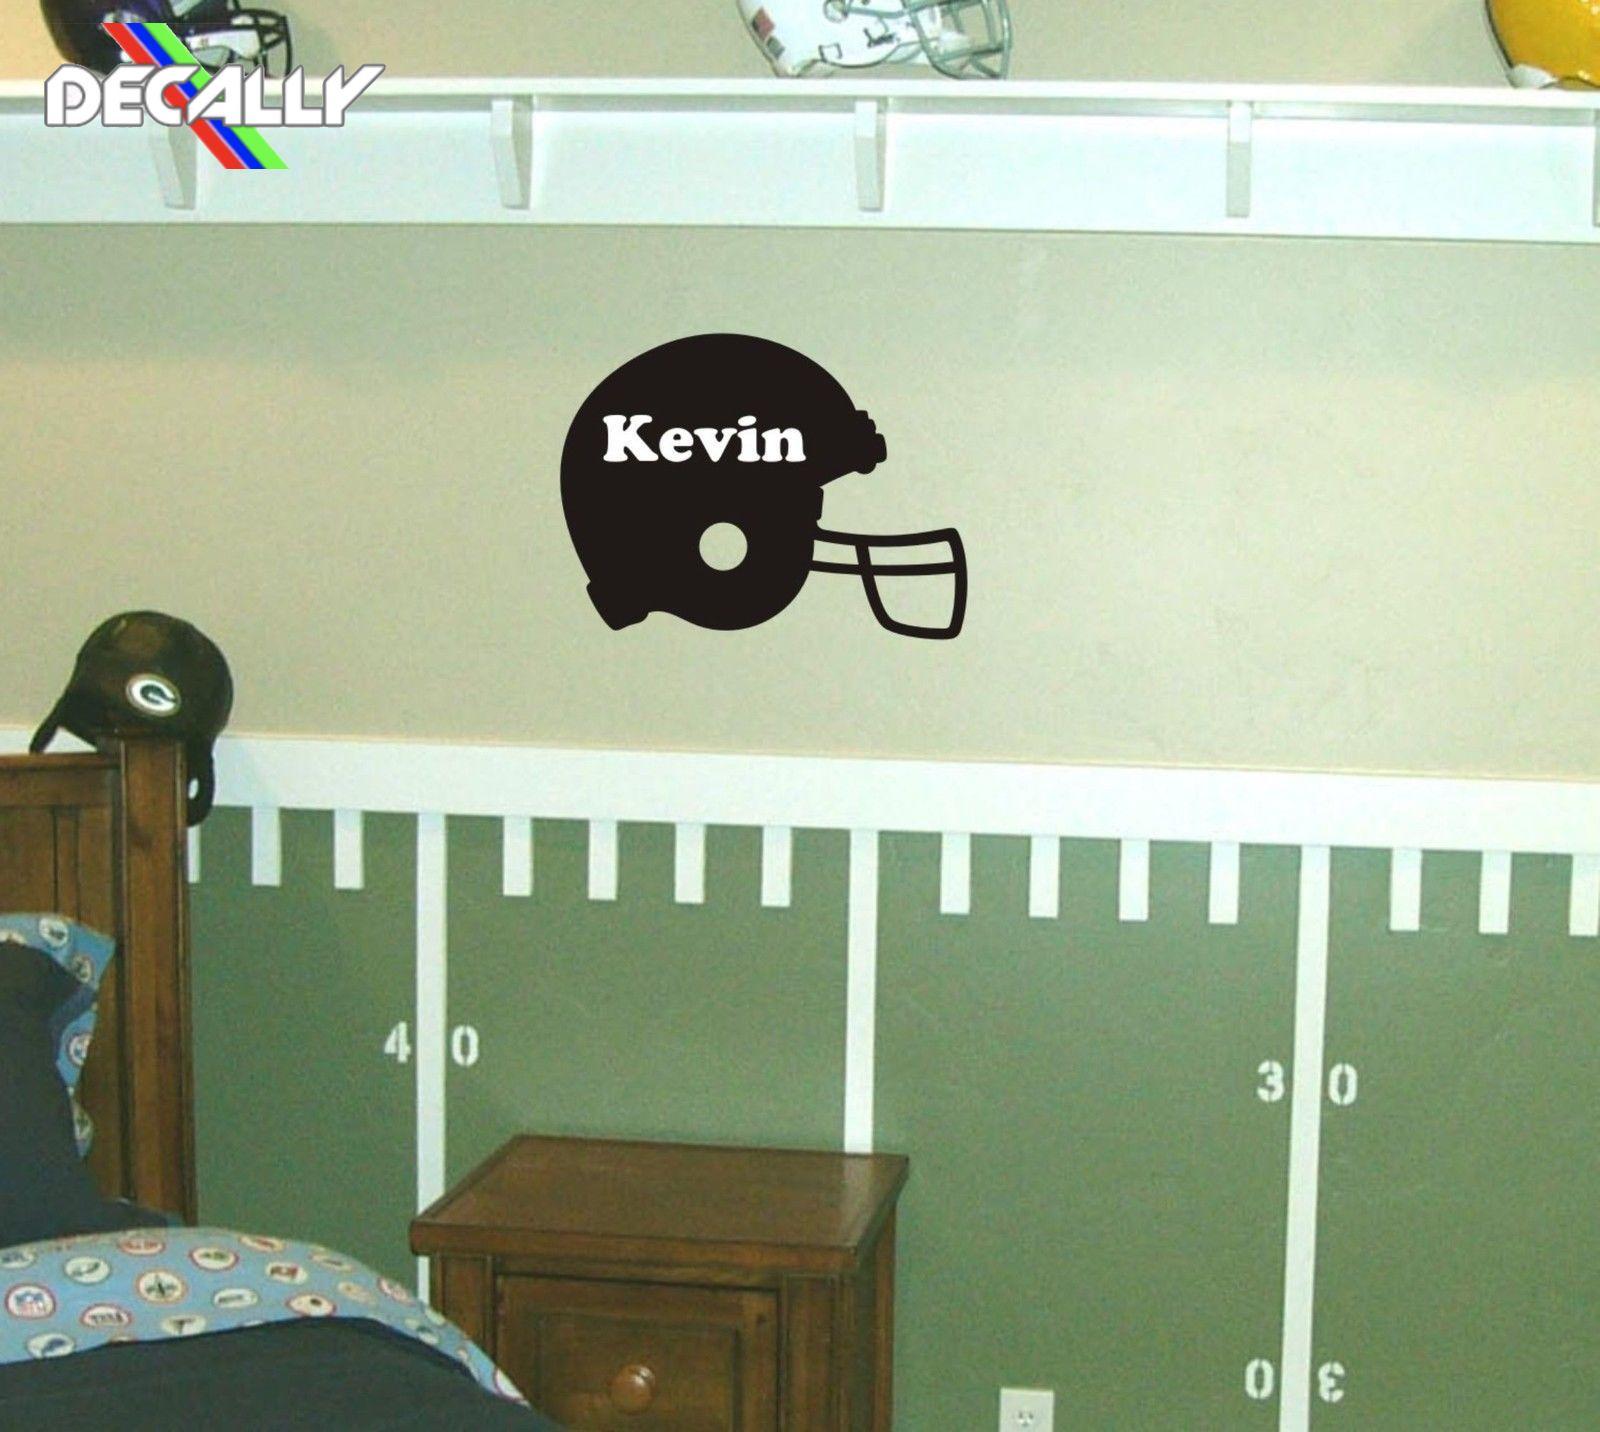 Personnalisé casque de Football autocollant mural autocollant amovible enfants chambre décor décorer chambres autocollant mural